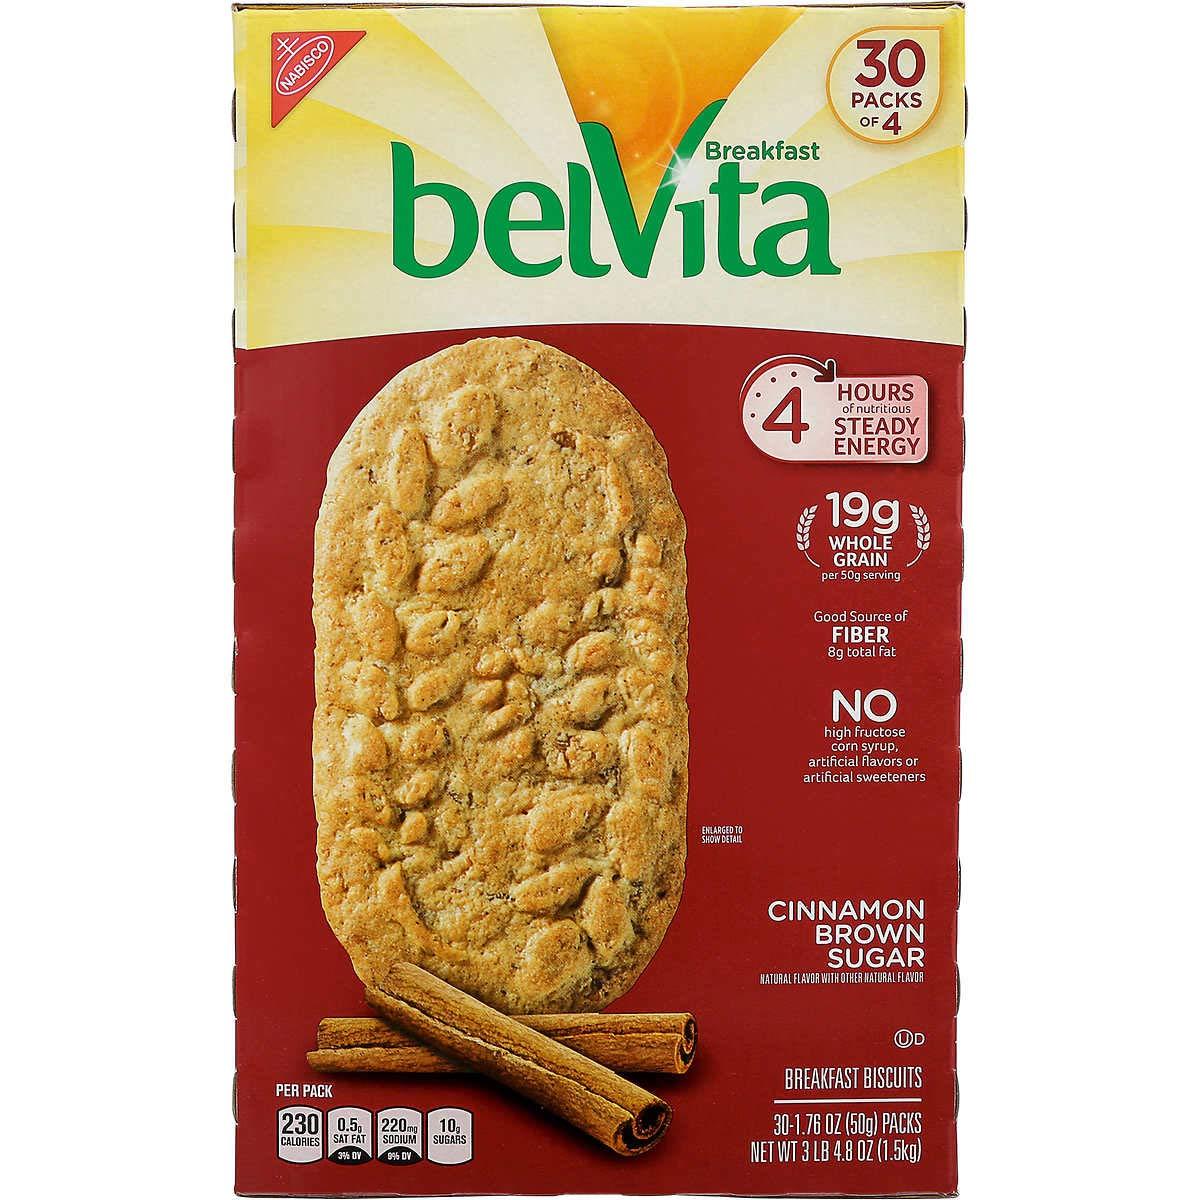 Belvita Cinnamon Brown Sugar Biscuits, 1.76 oz, 30Count, 4 Pack